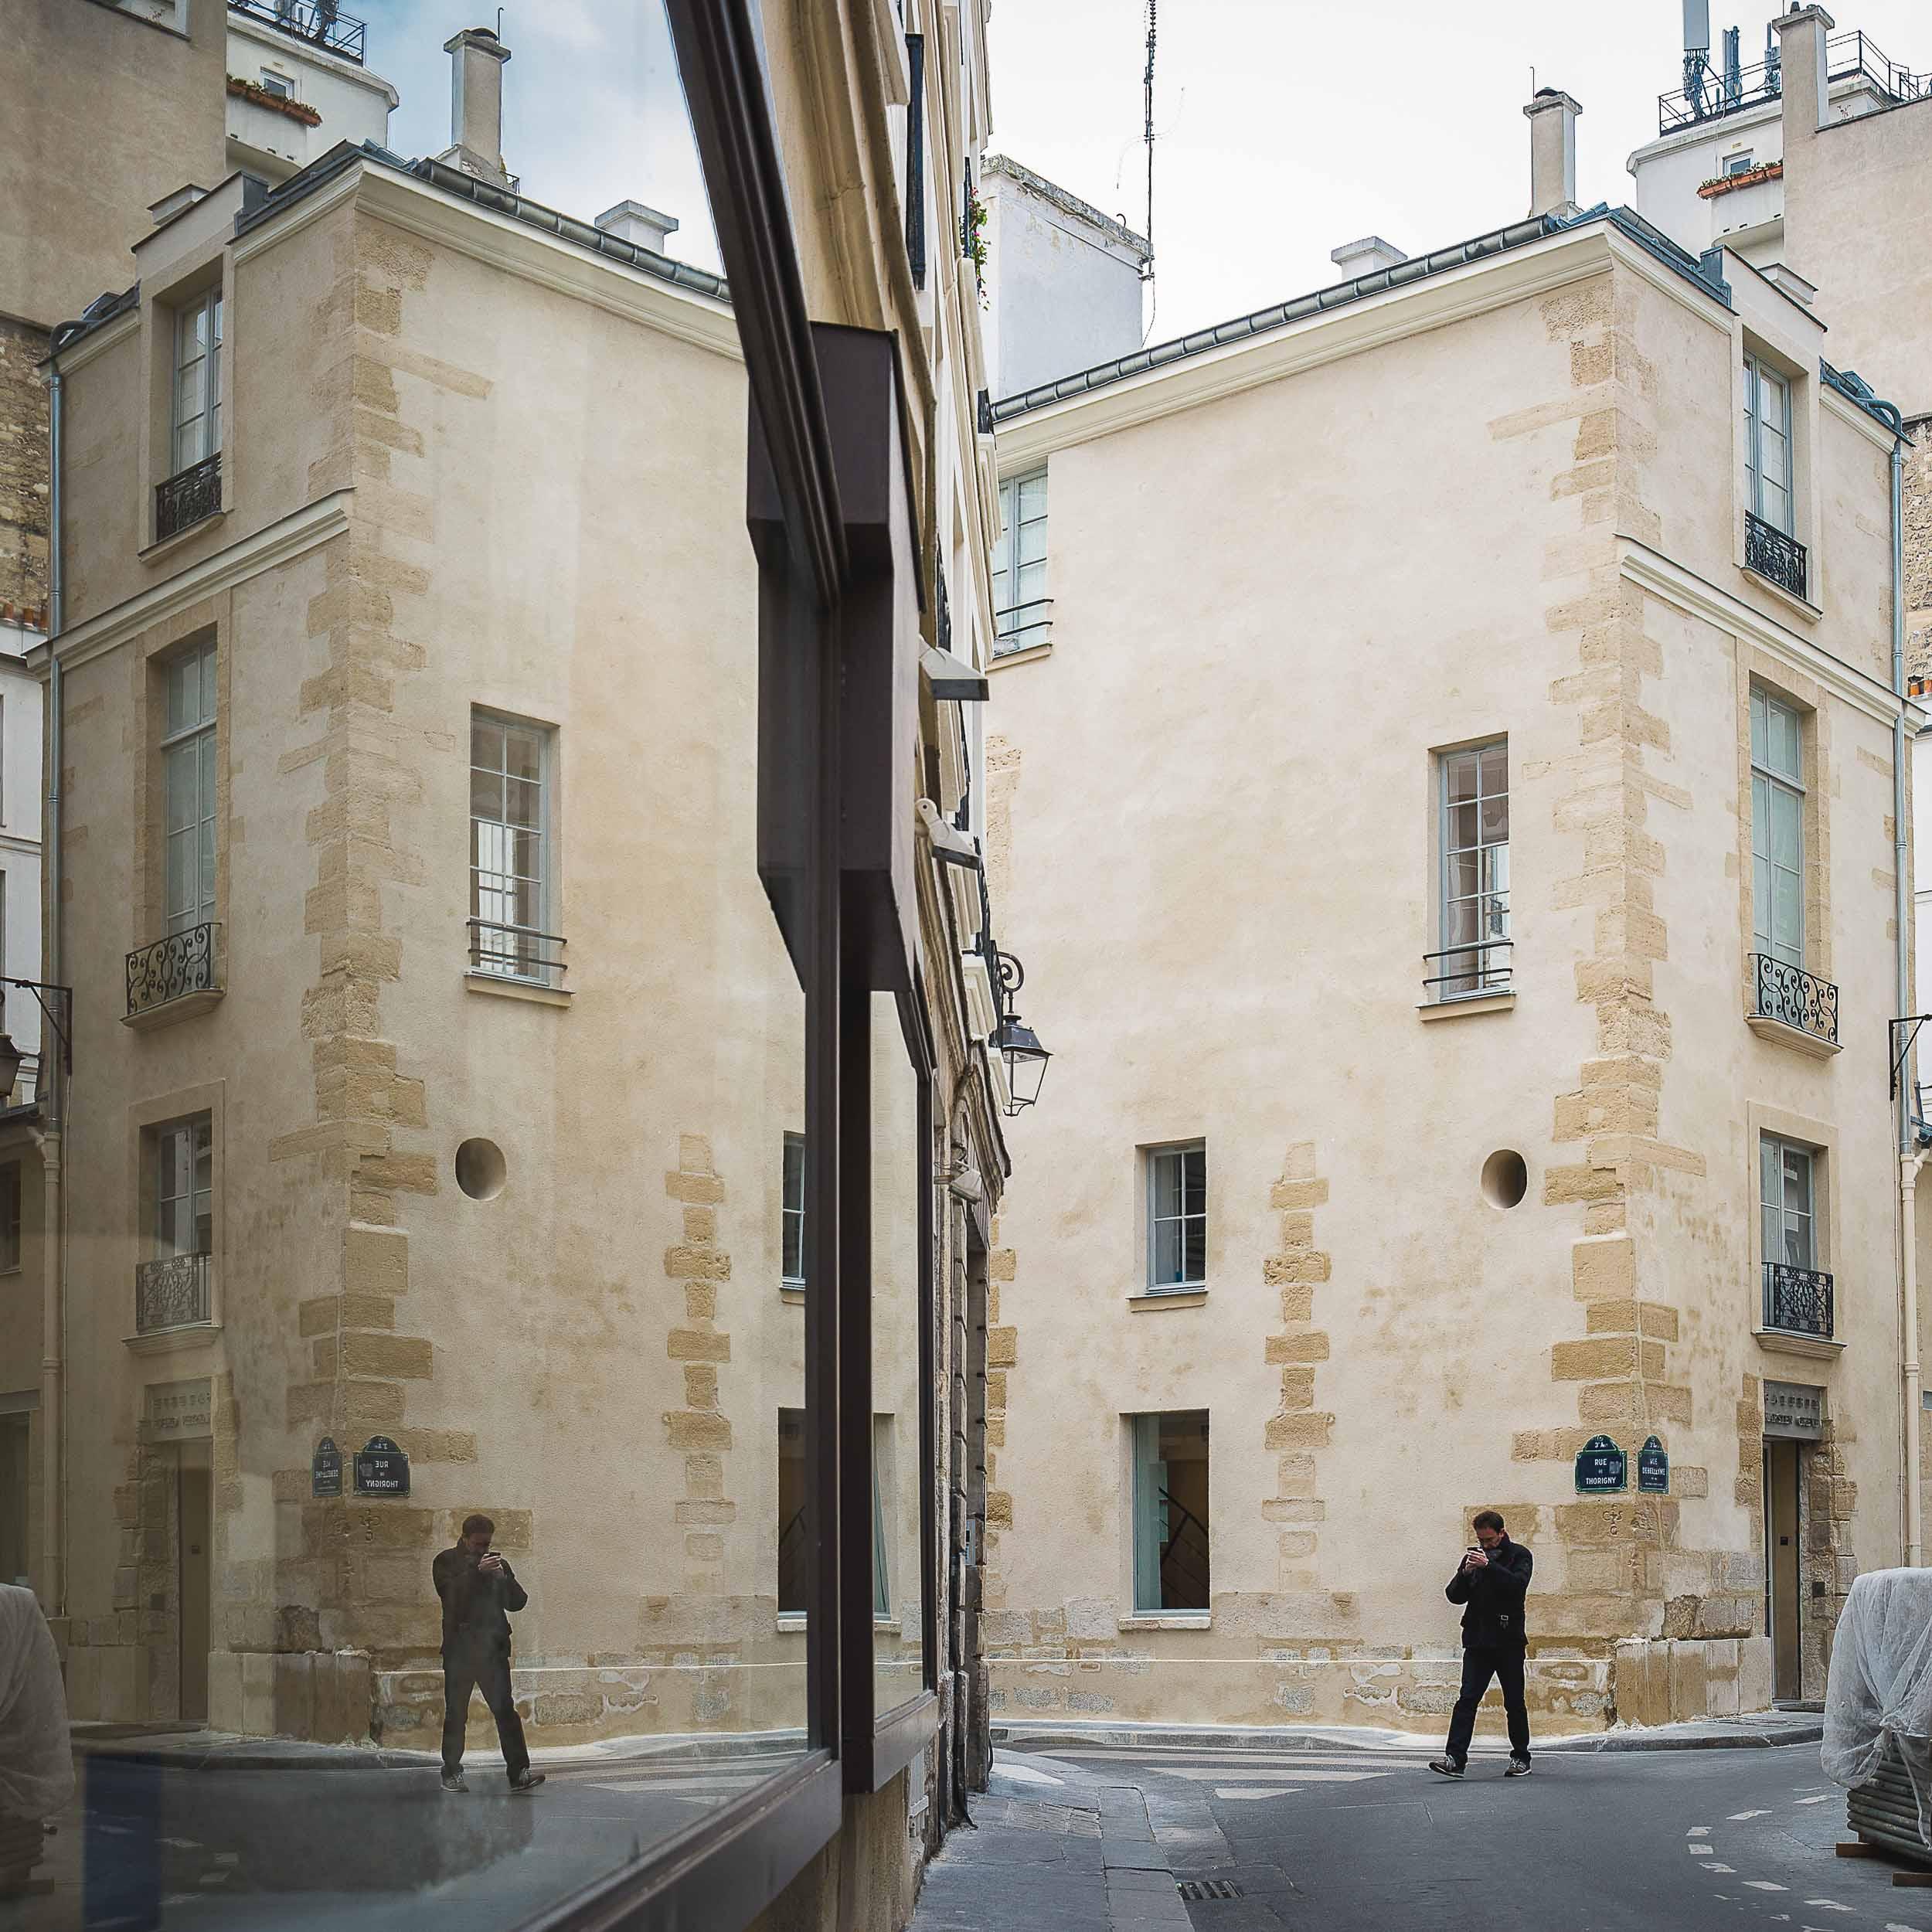 Paris-man-walking-reflection-in-window.jpg